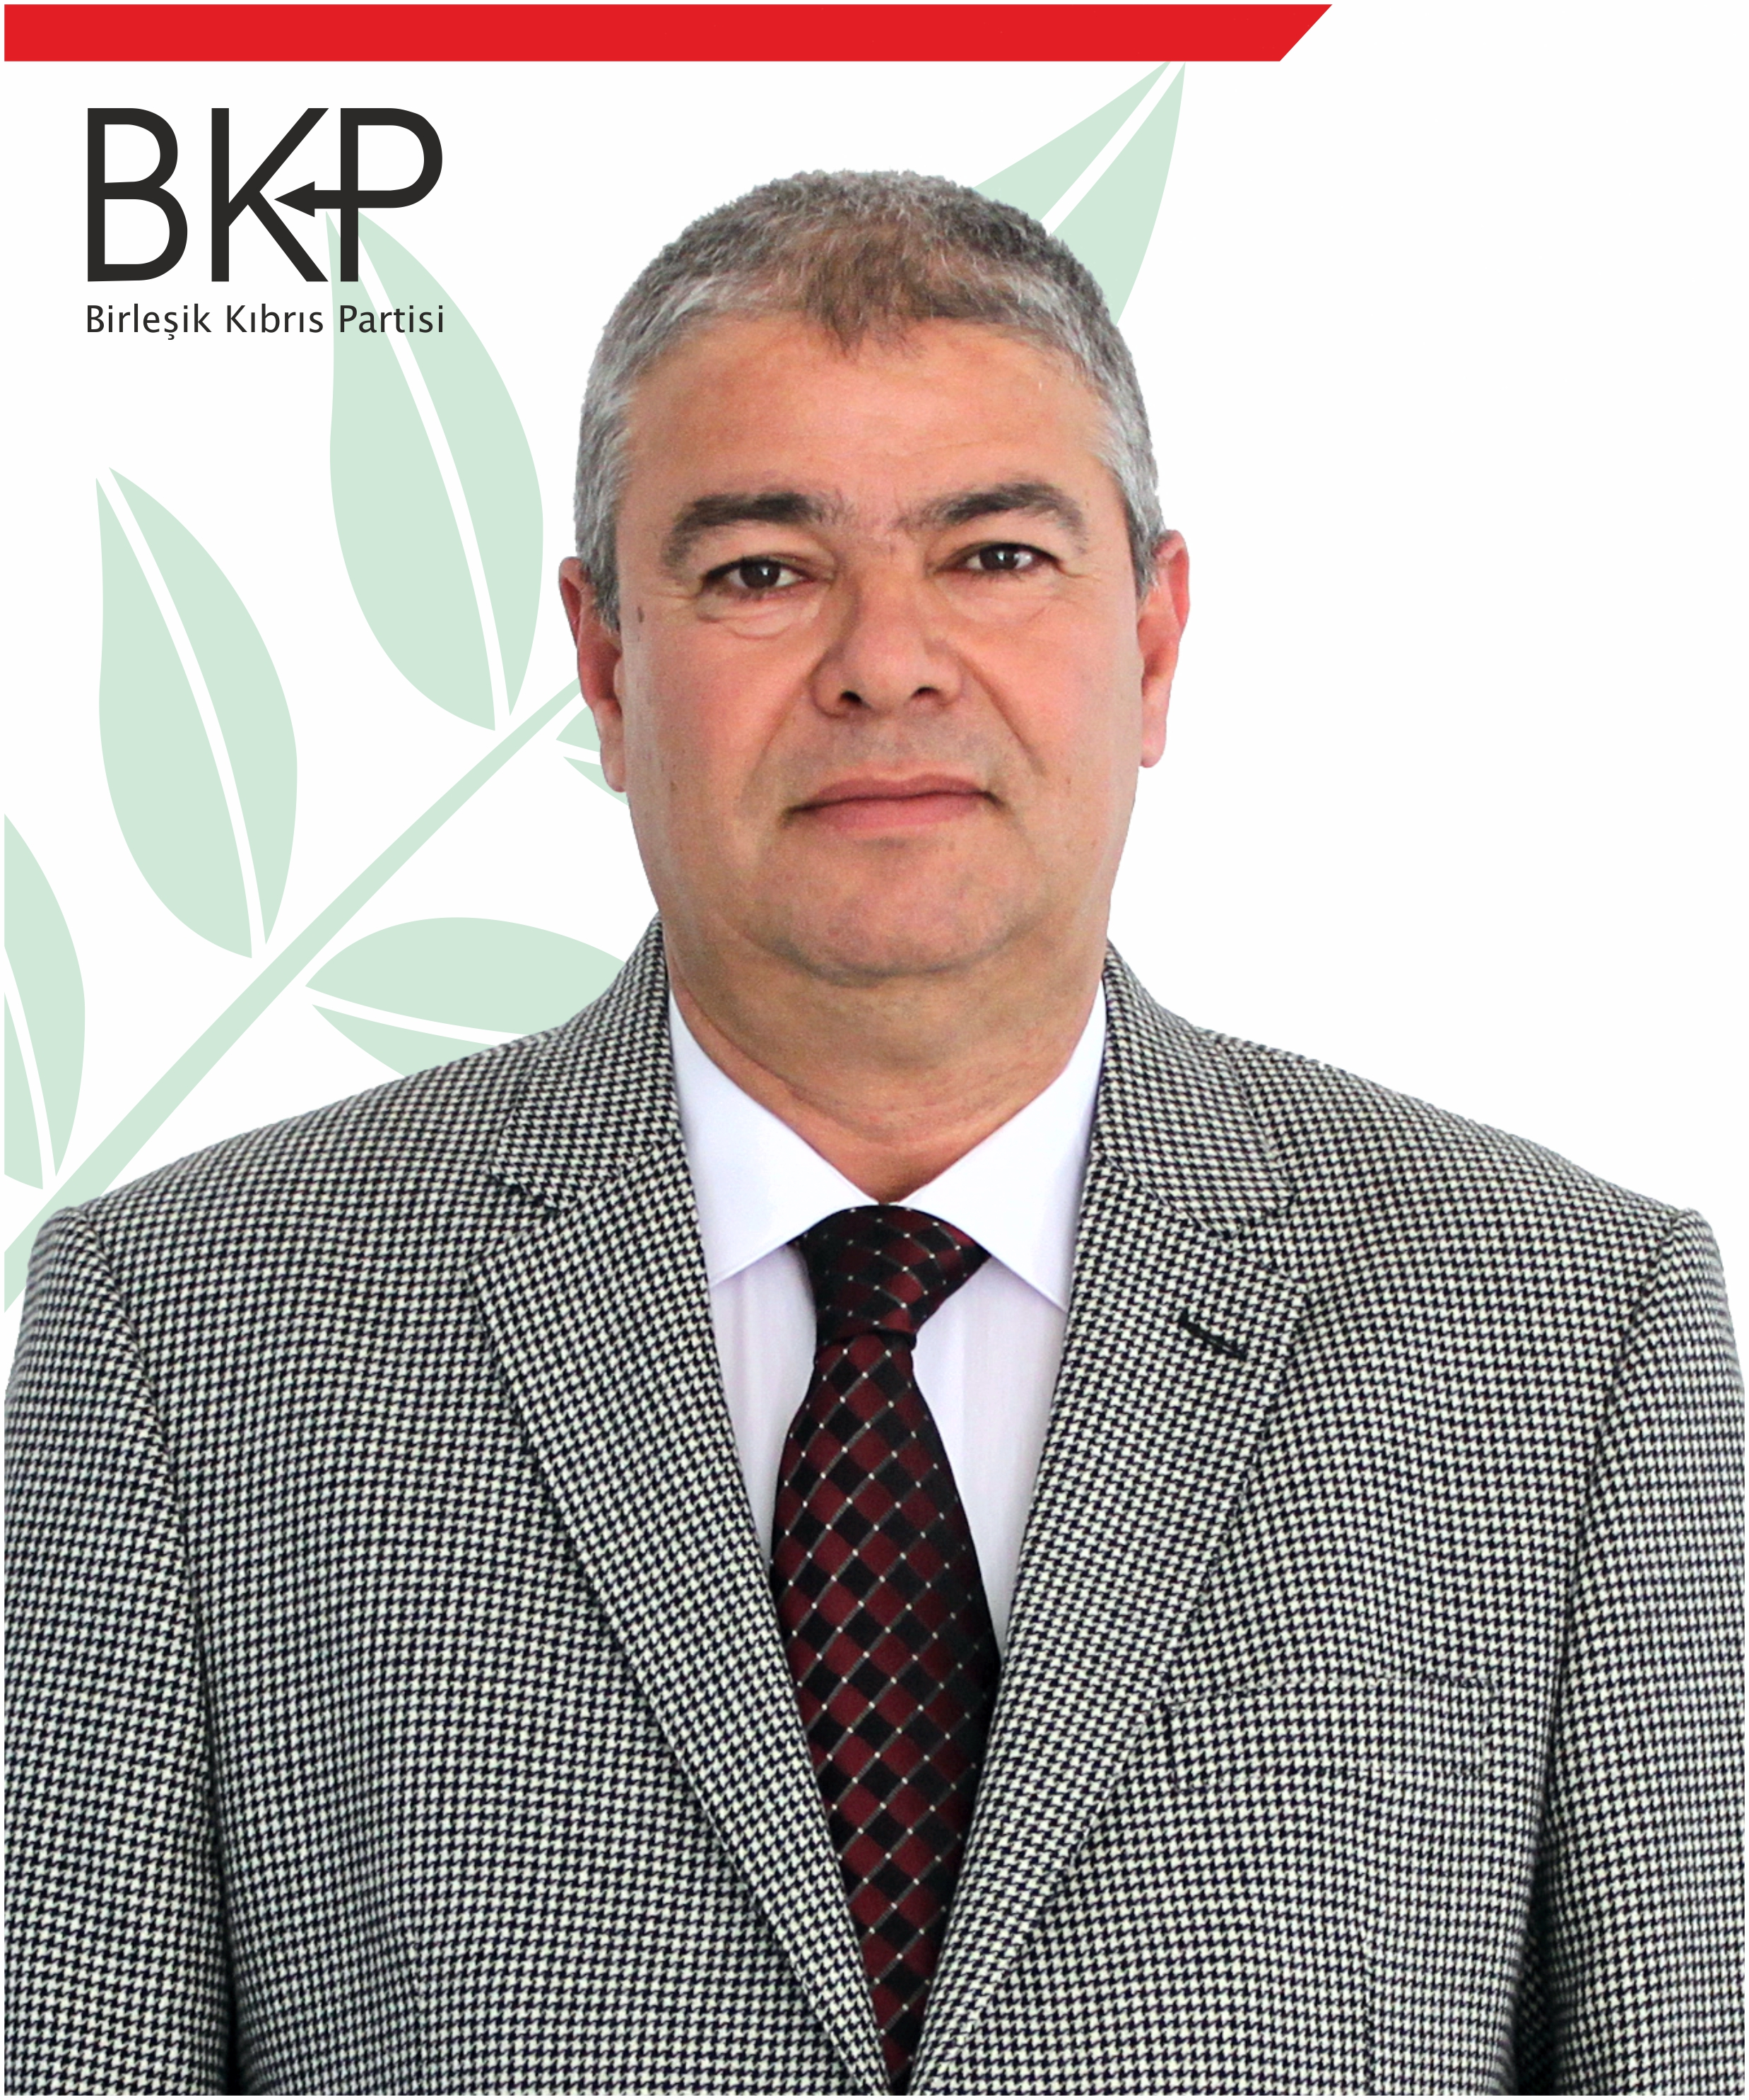 BKP Genel Sekreteri Salih Sonüstün